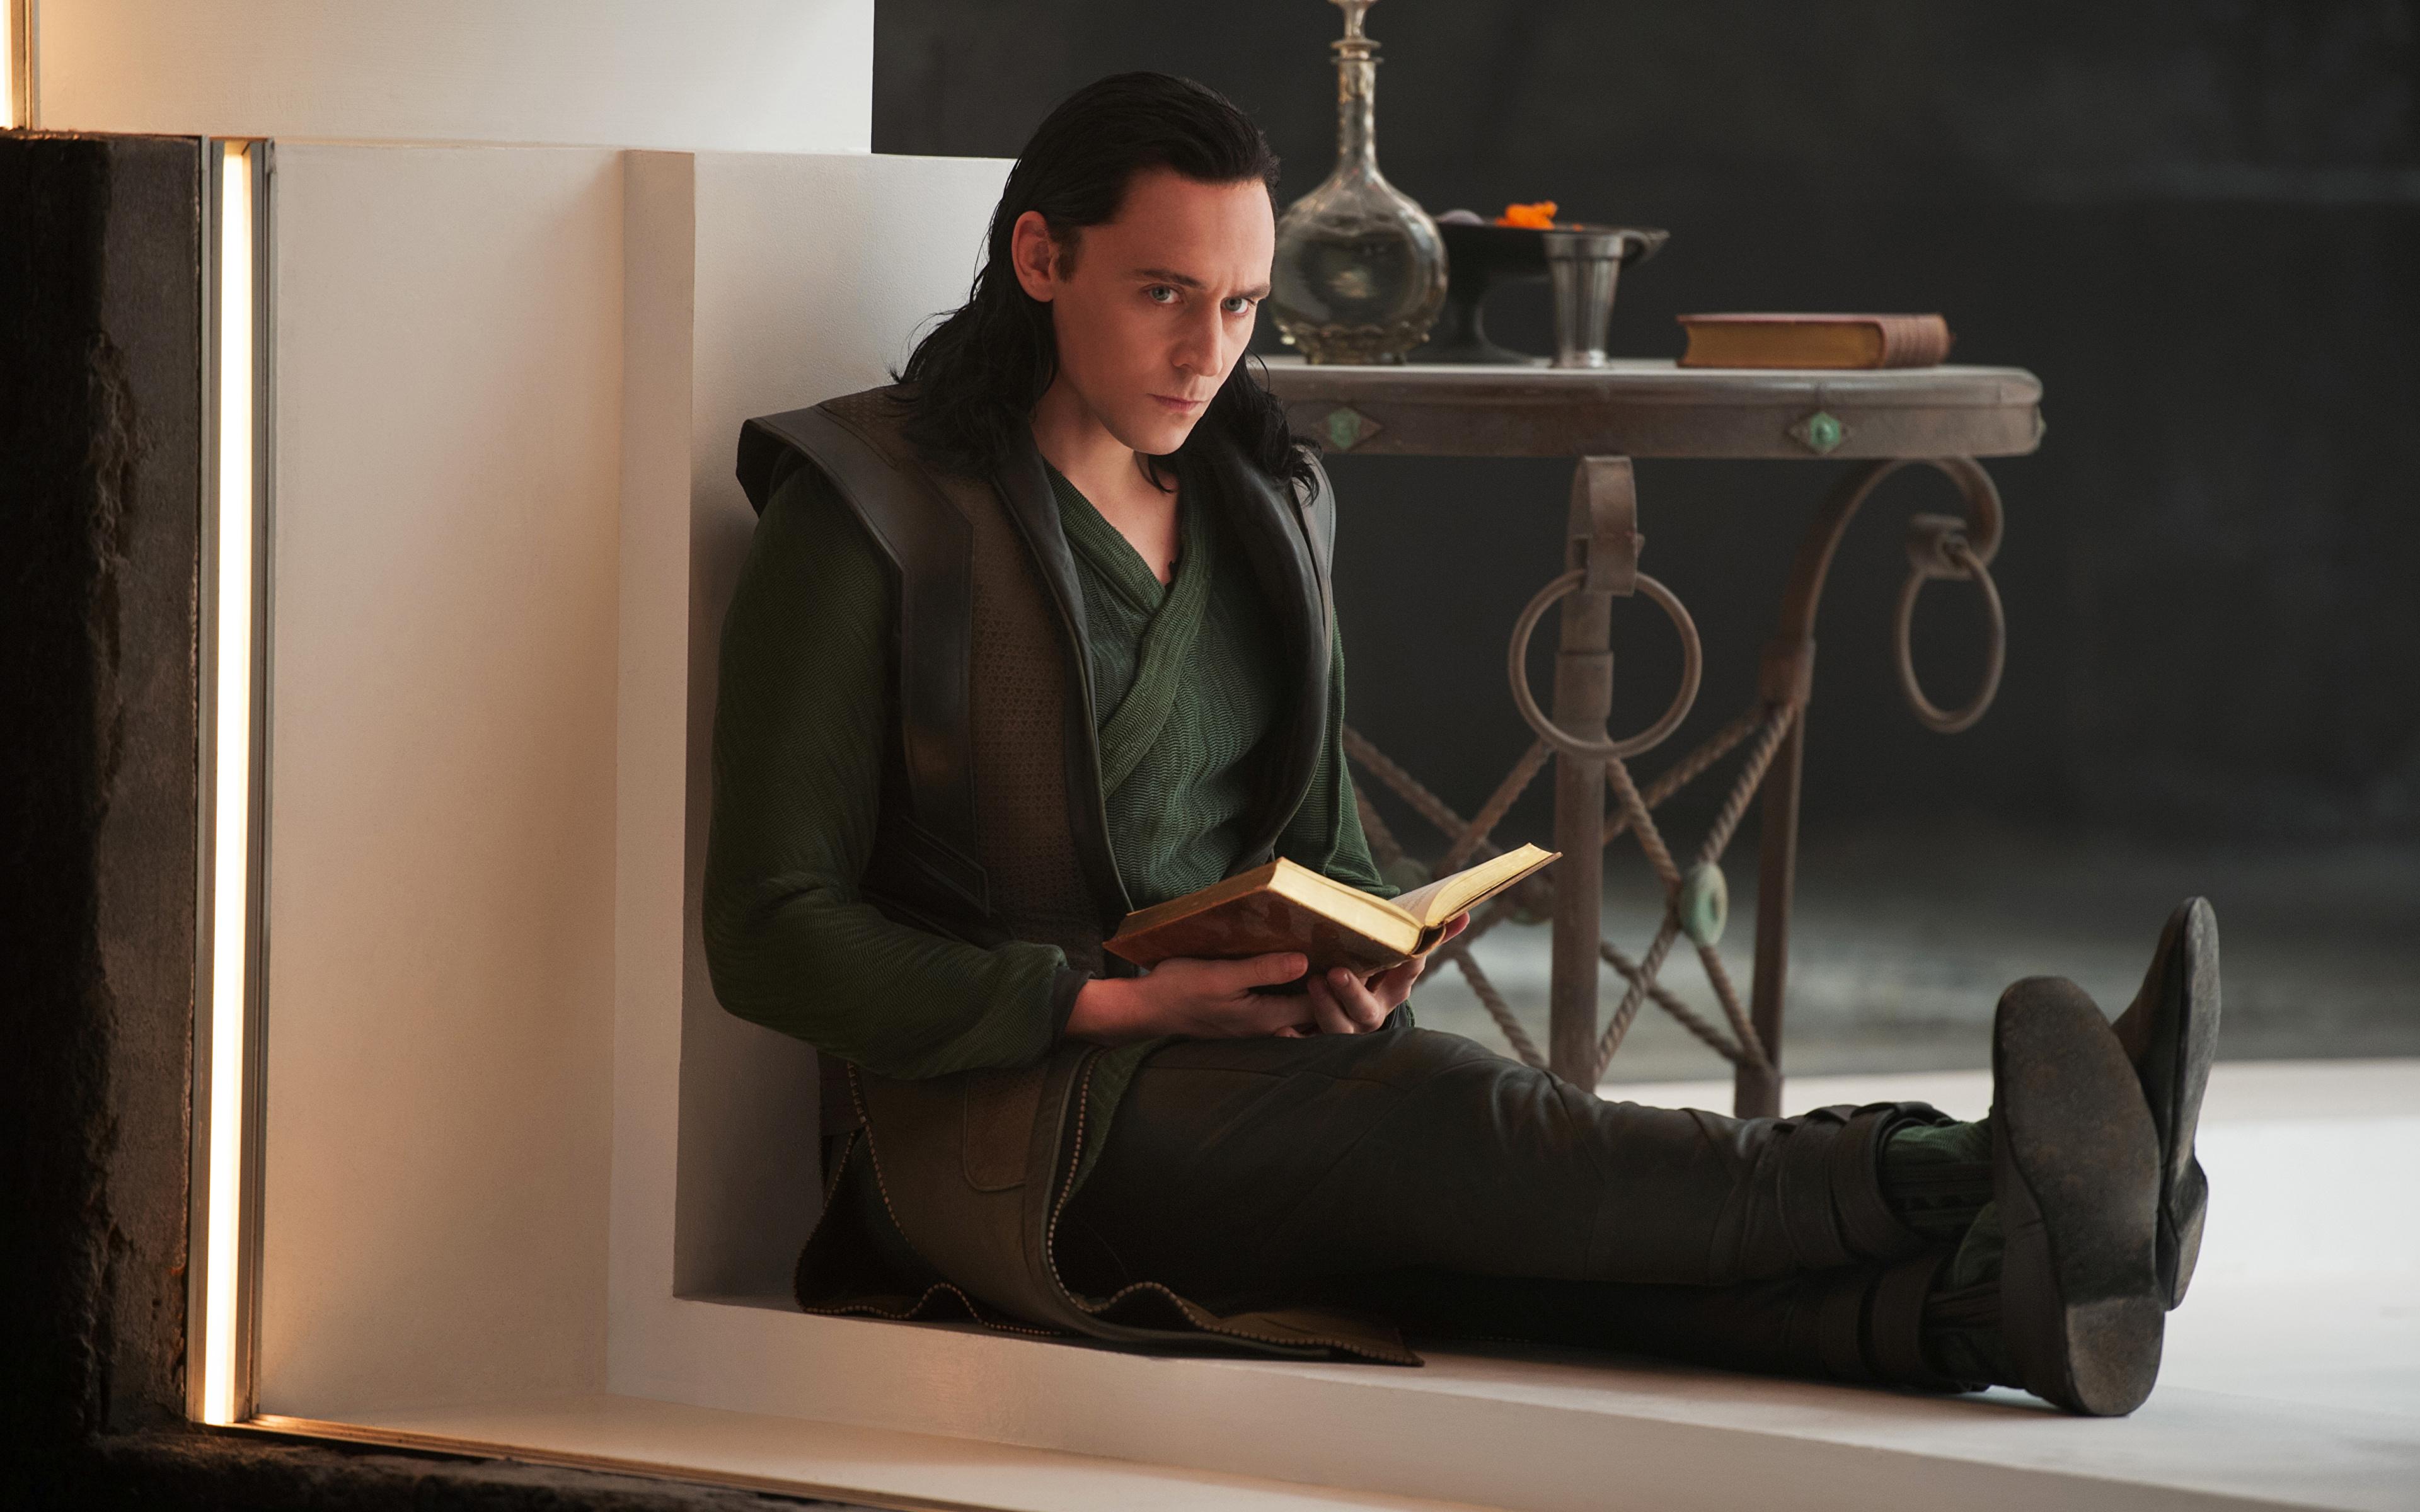 Фотография Тор 2: Царство тьмы Том Хиддлстон мужчина Фильмы Знаменитости 3840x2400 Tom Hiddleston Мужчины кино